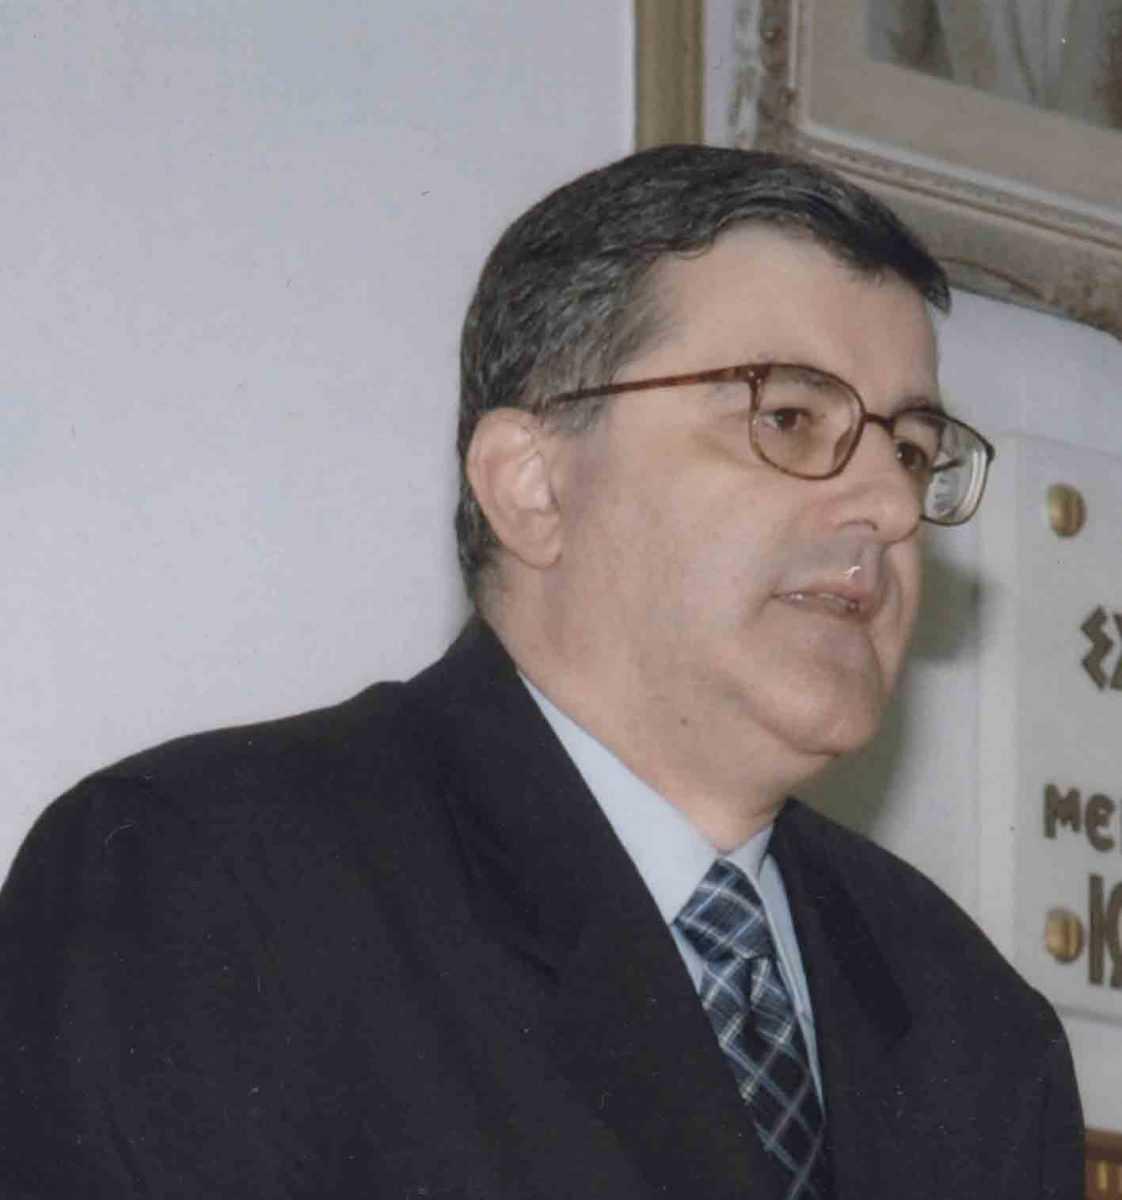 Η ελληνορθόδοξη ψυχή των Μακεδόνων. Τα μηνύματα και ο αγώνας για την απόρριψη της απαράδεκτης συμφωνίας  Από τον Κωνσταντίνο Χολέβα